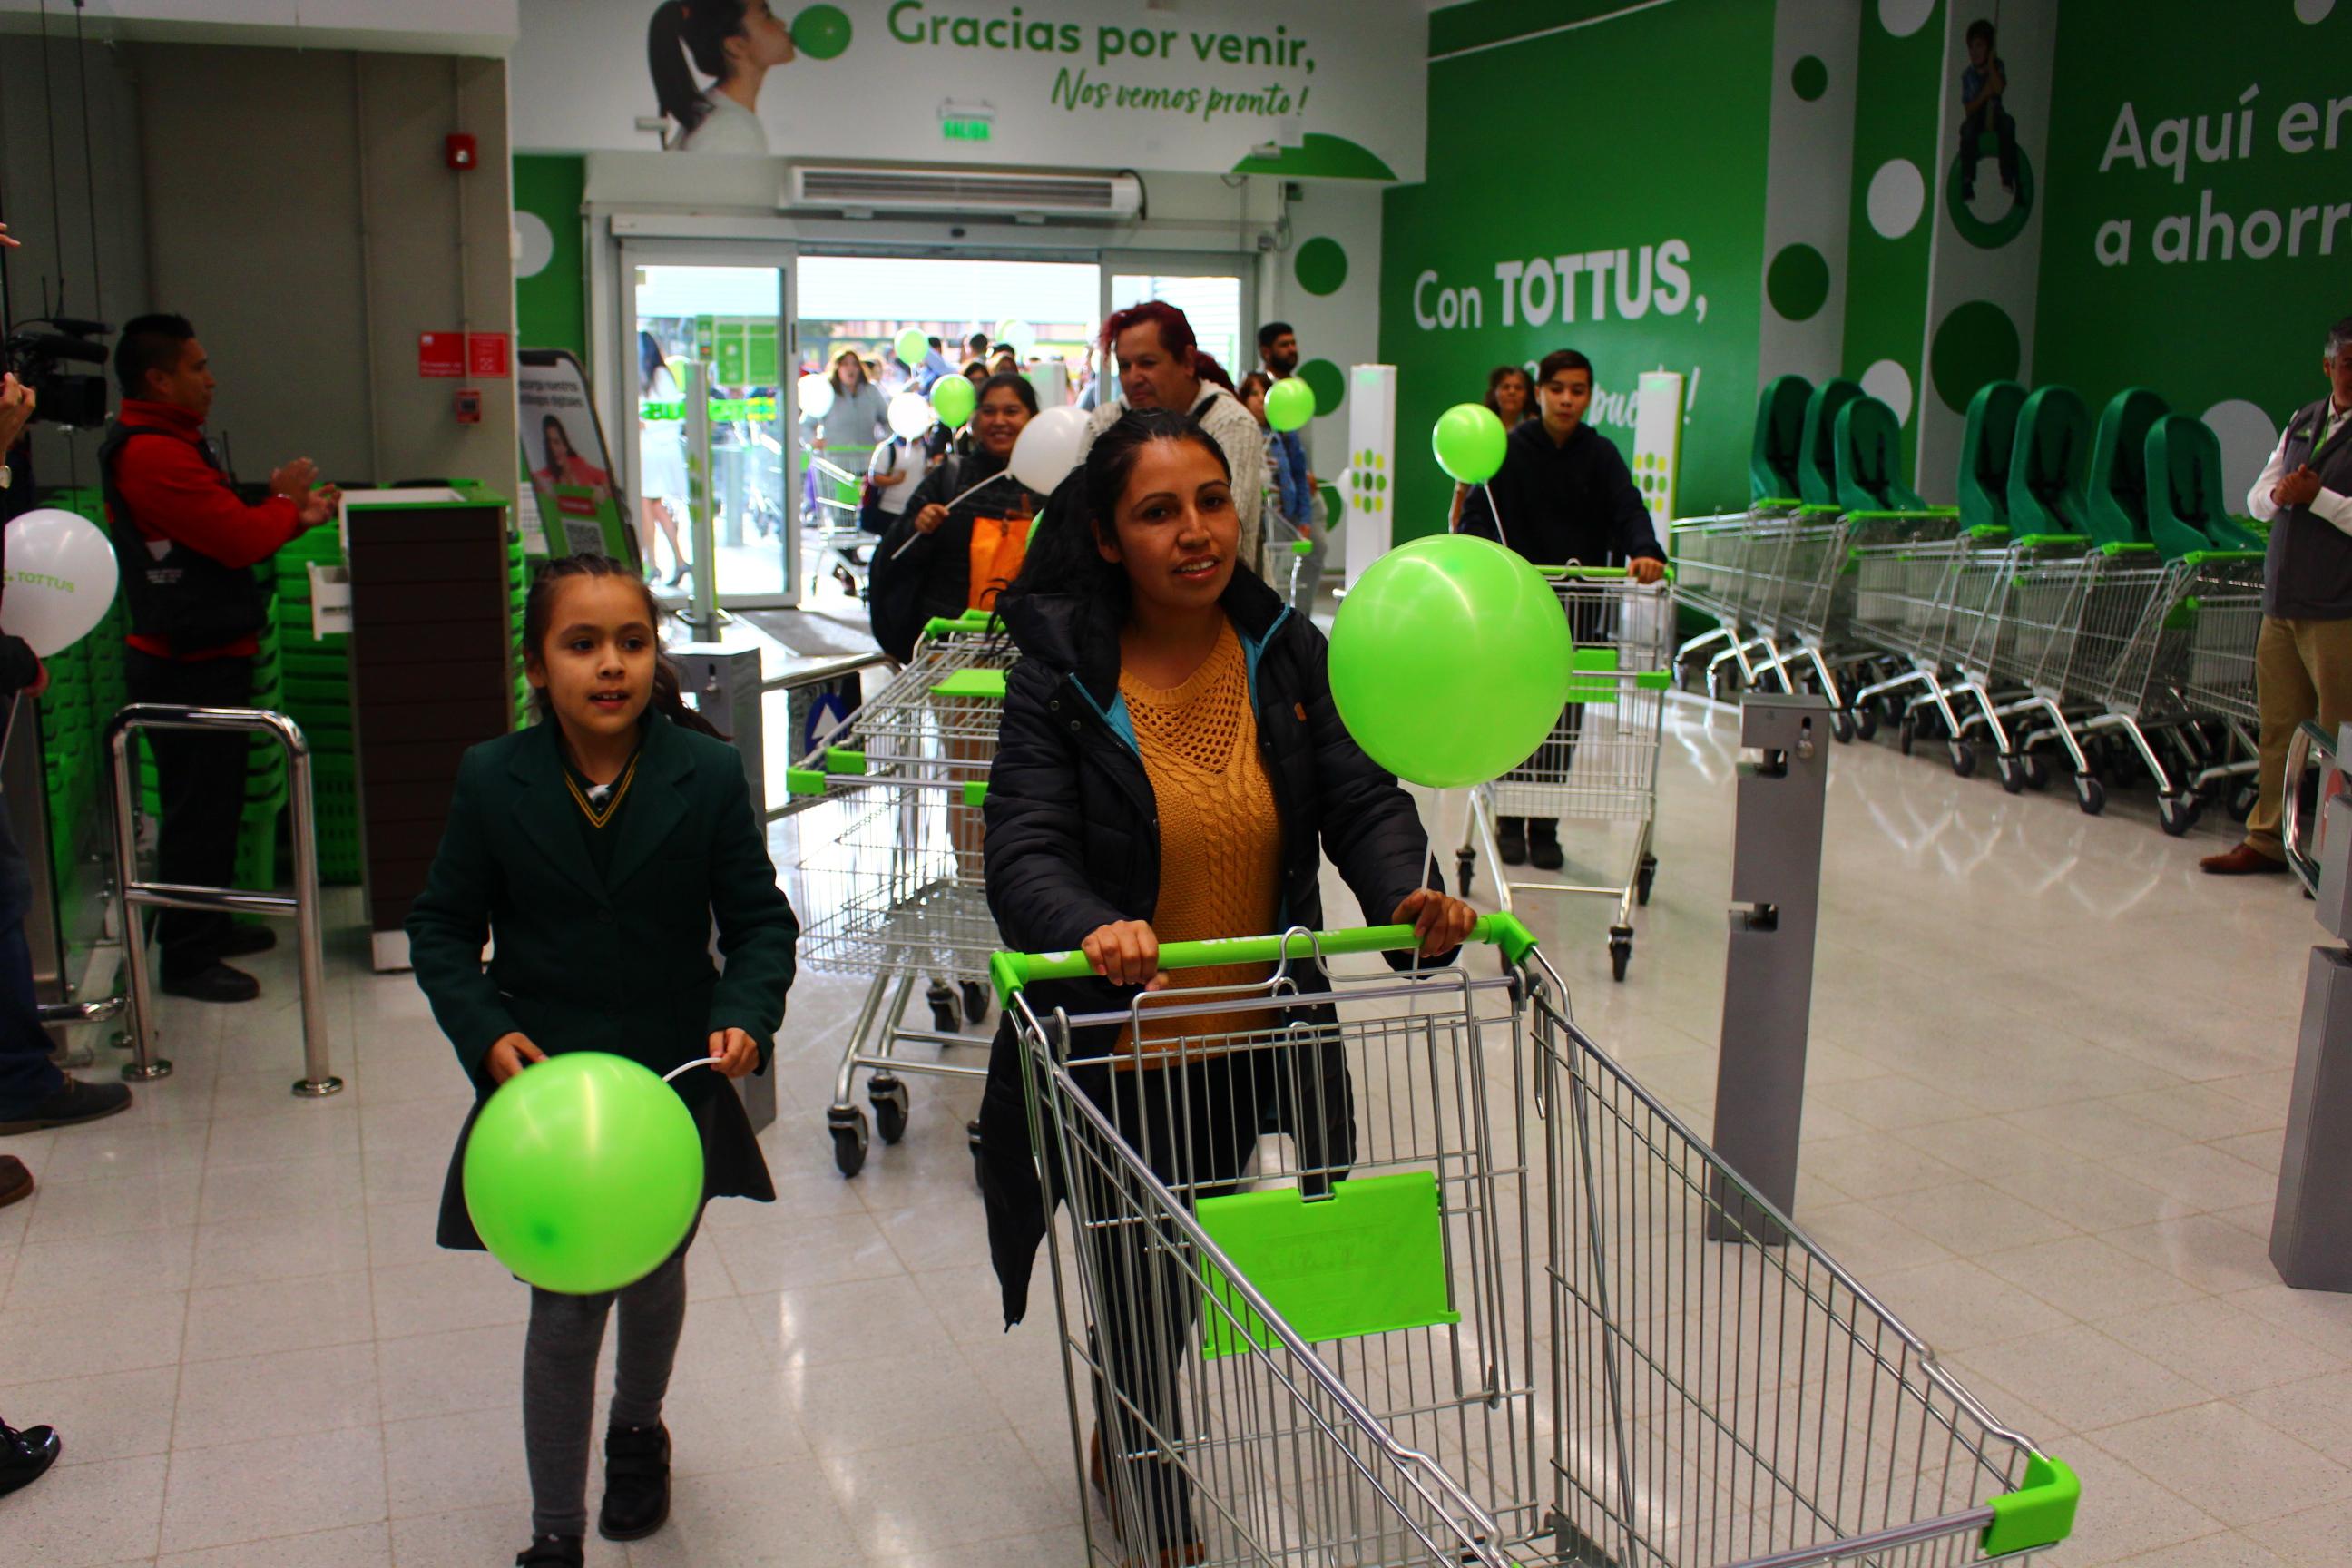 Tottus llega a Vallenar con su destacado mix de productos para todos sus habitantes